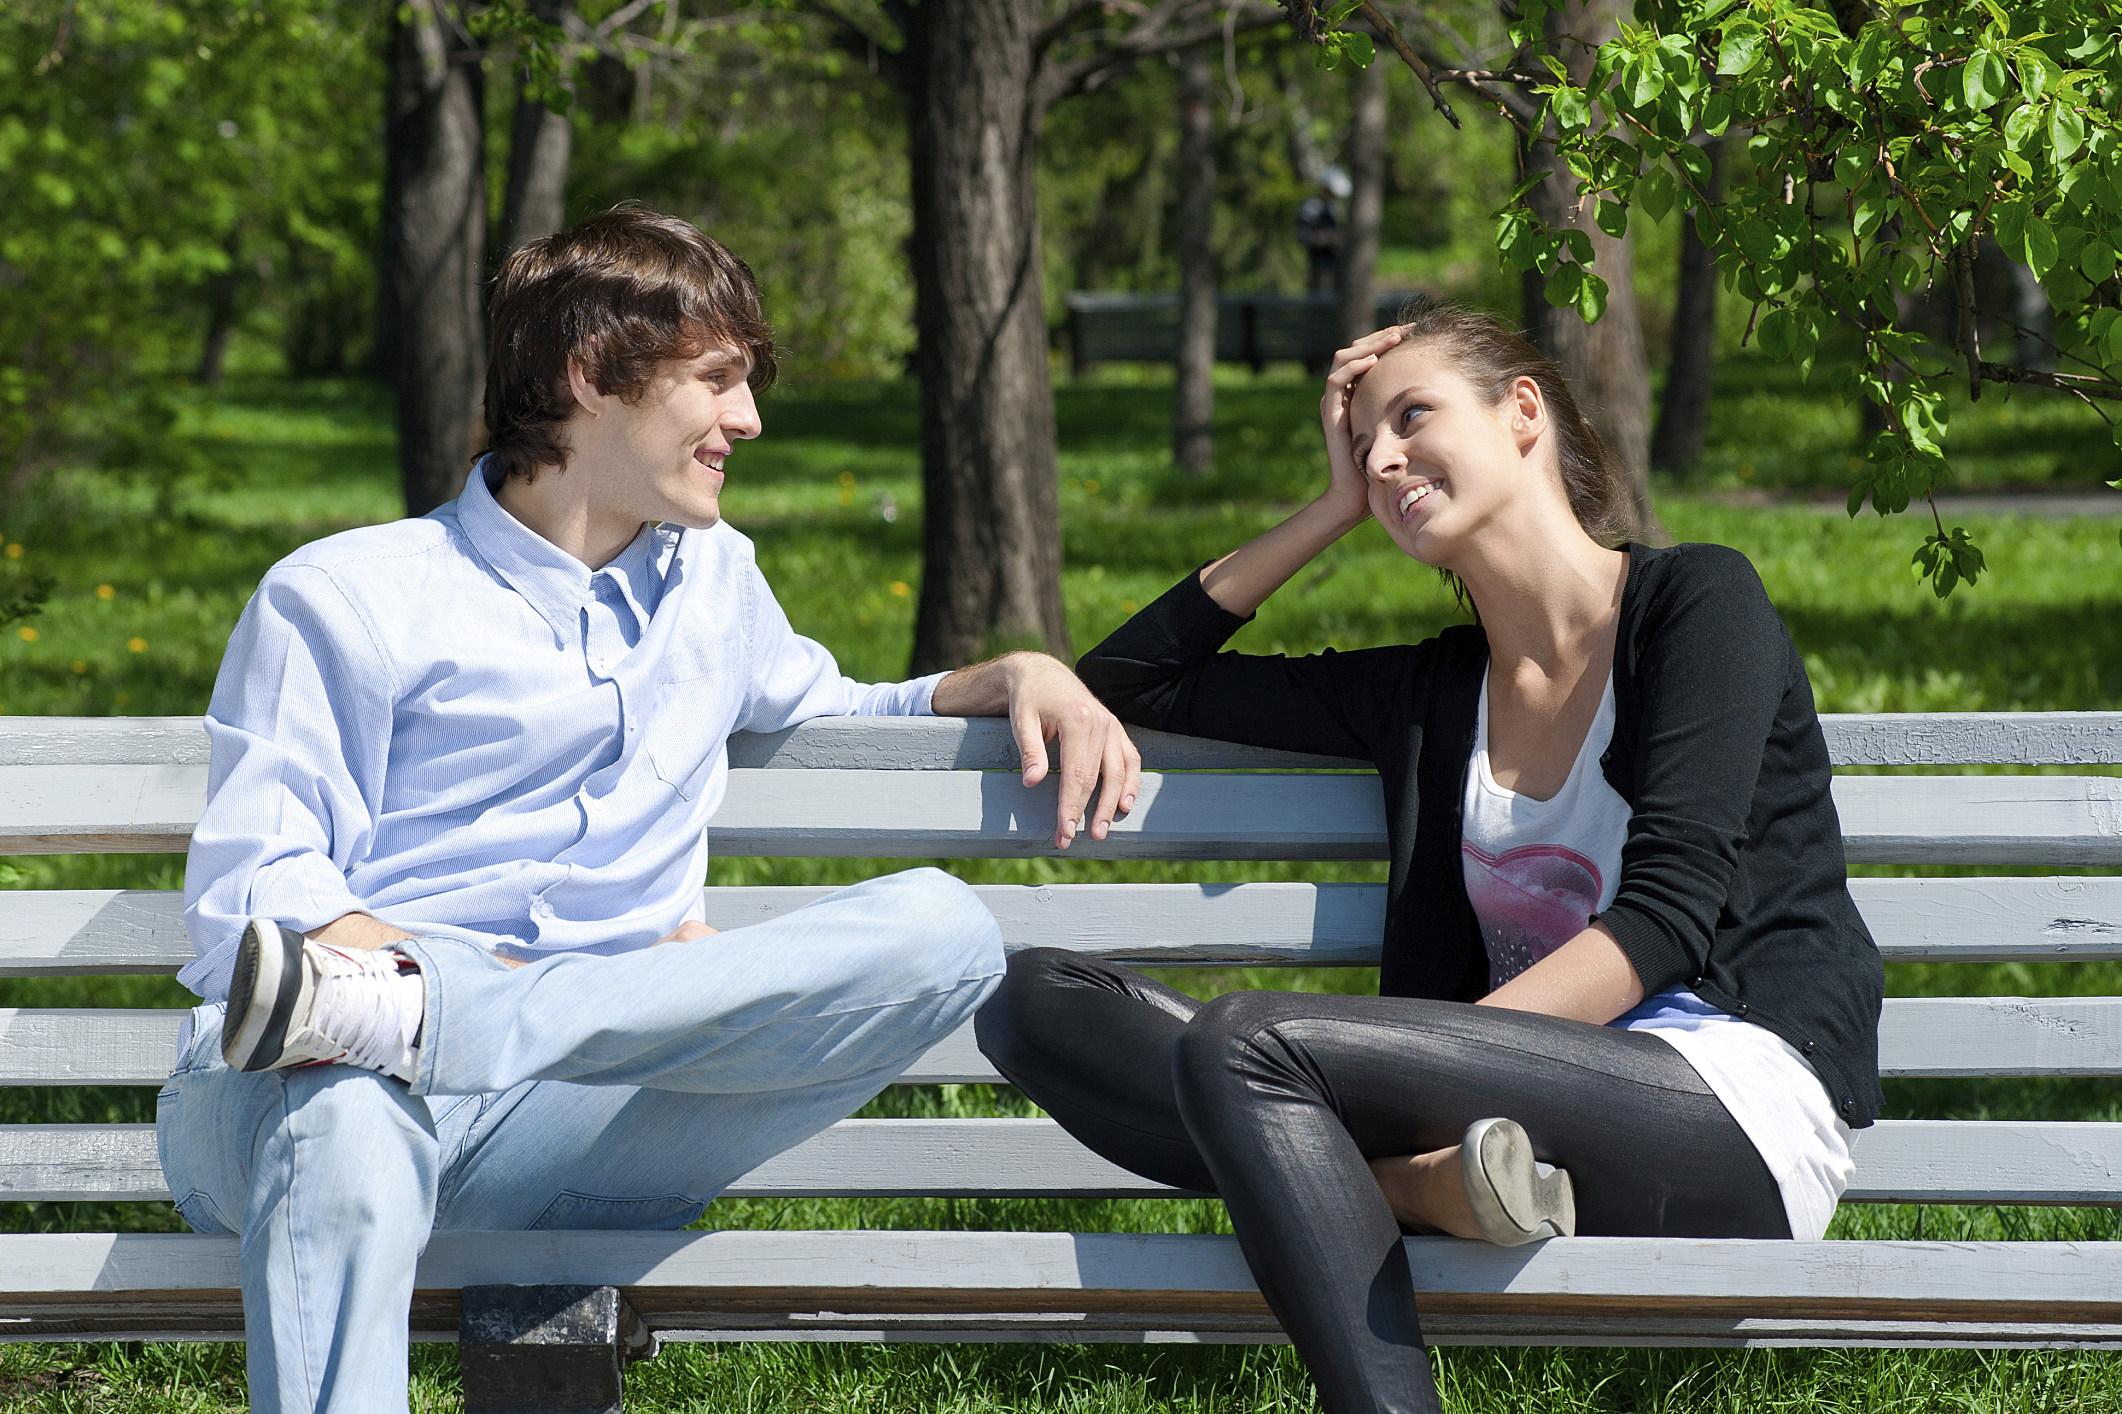 Darmowe aplikacje randkowe dla żonatych